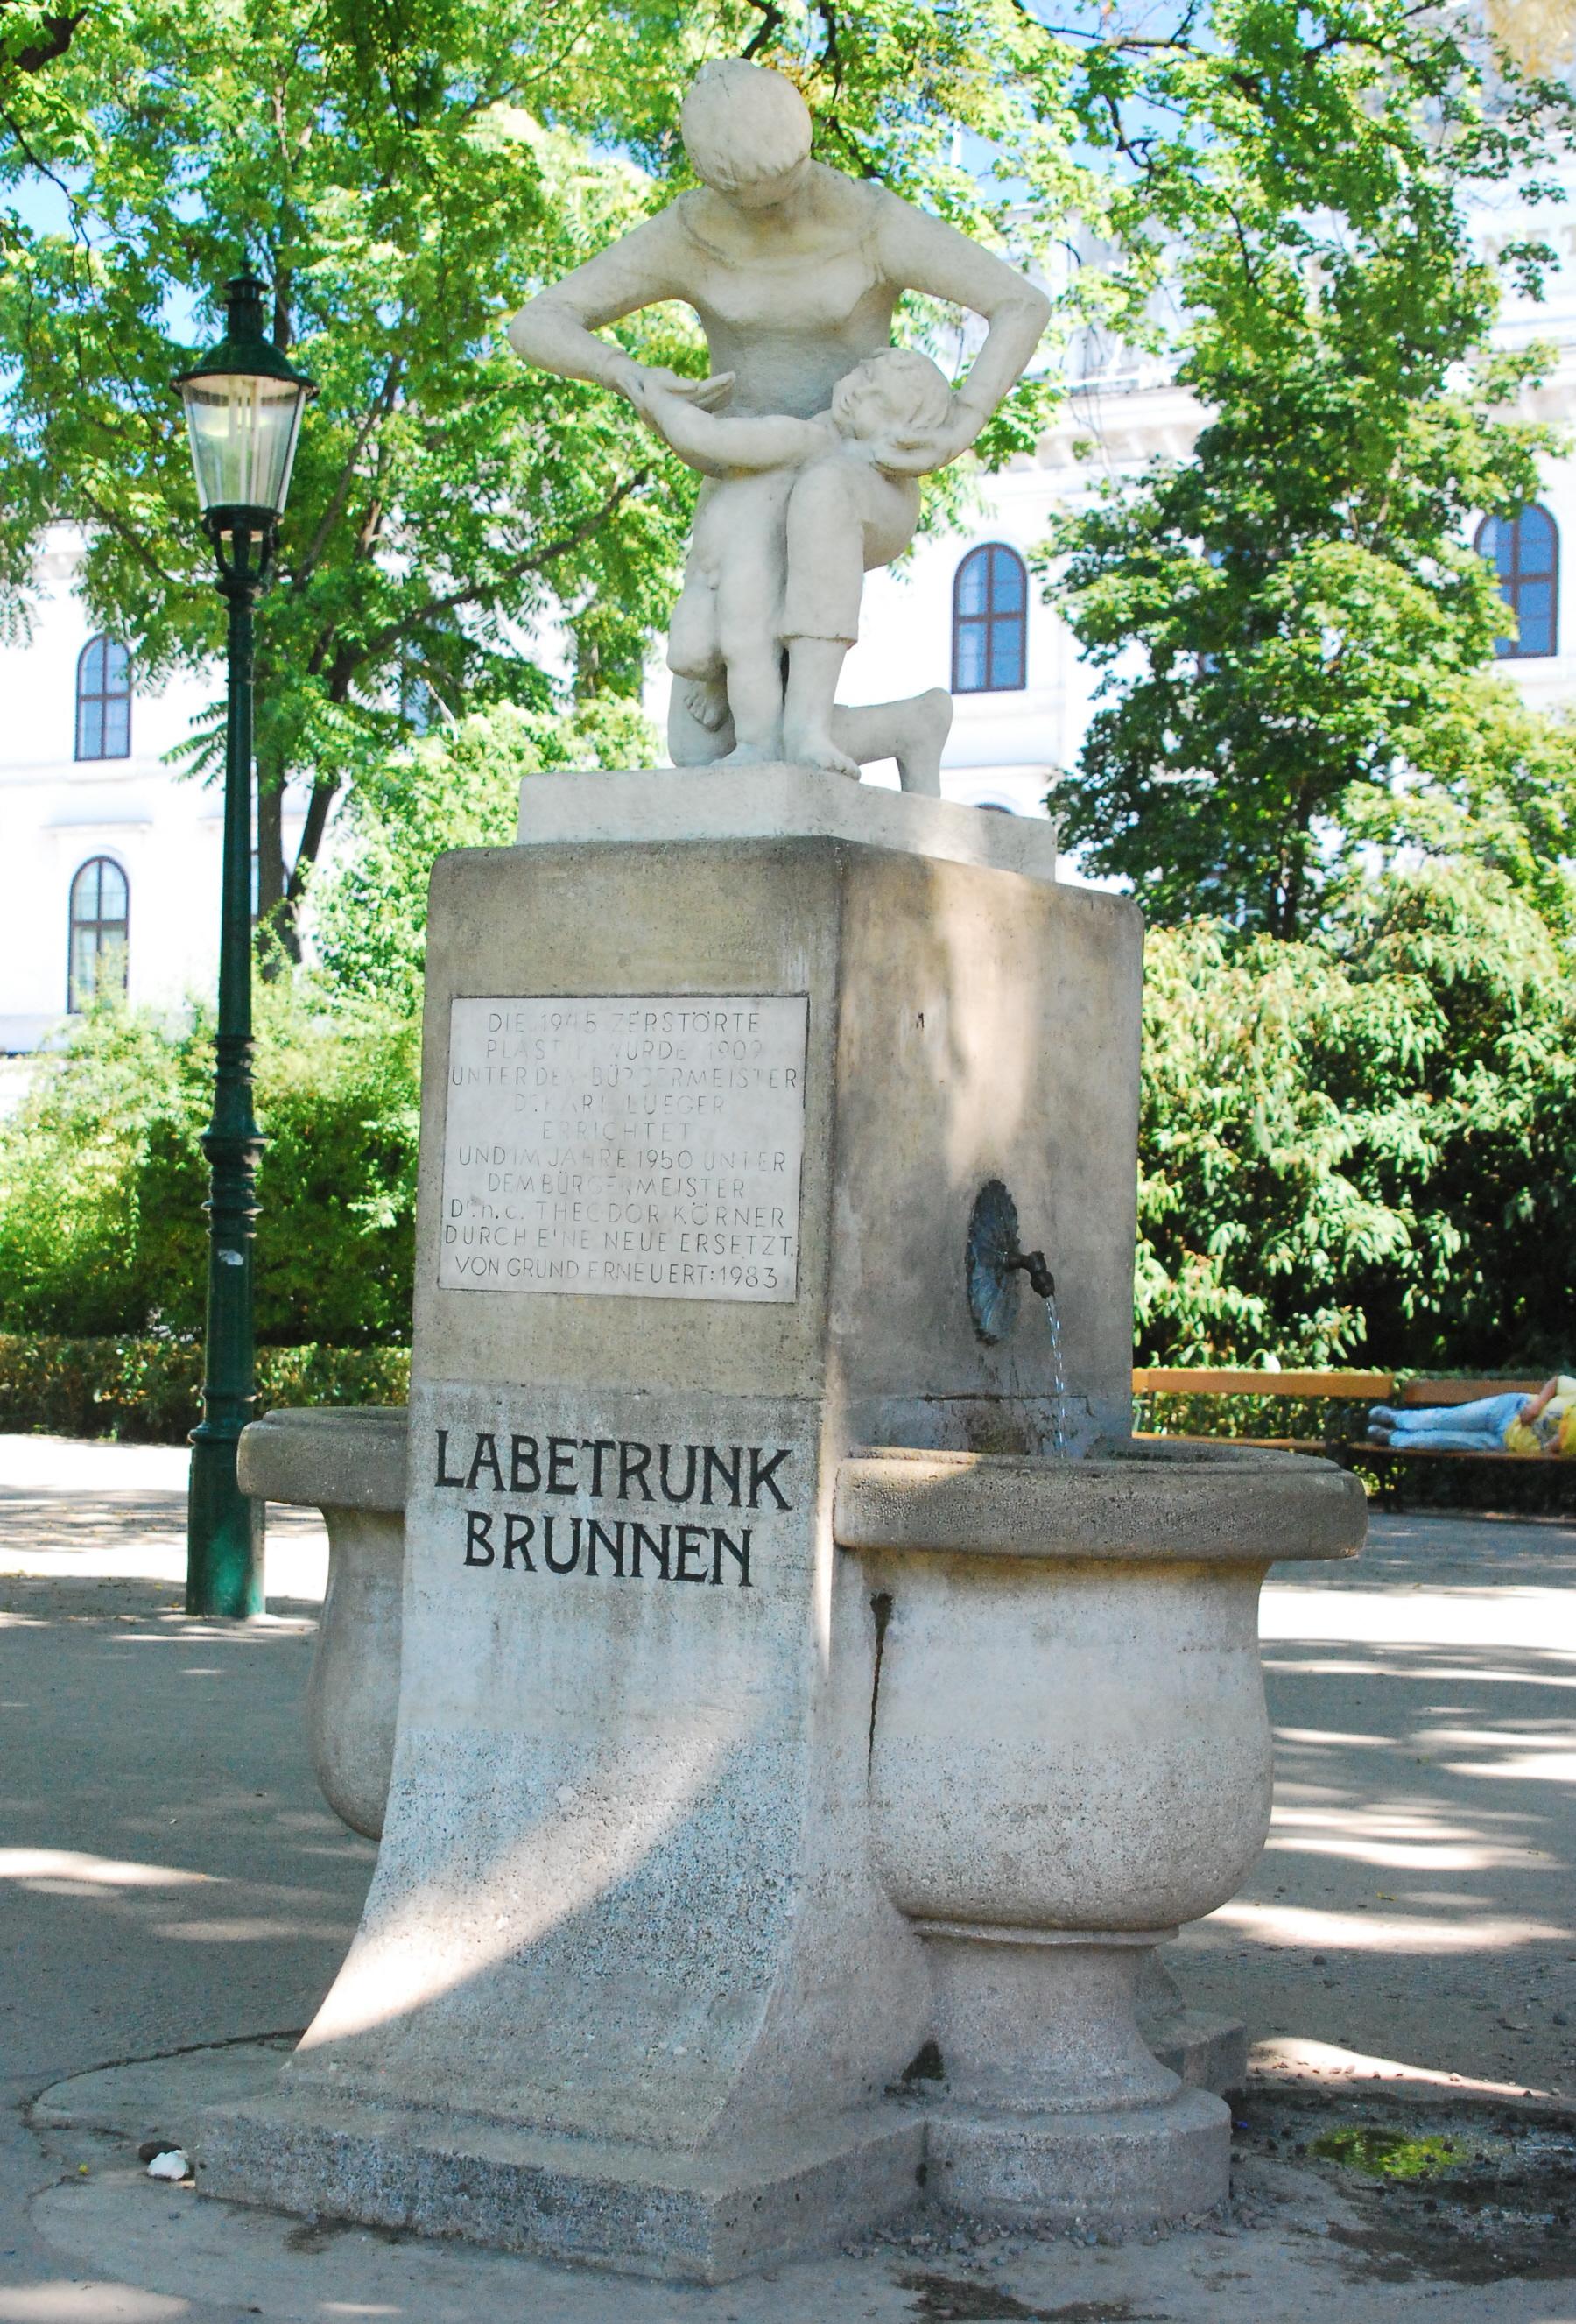 GuentherZ 2010-07-10 0097 Wien03 Stadtpark Labetrunkbrunnen.jpg